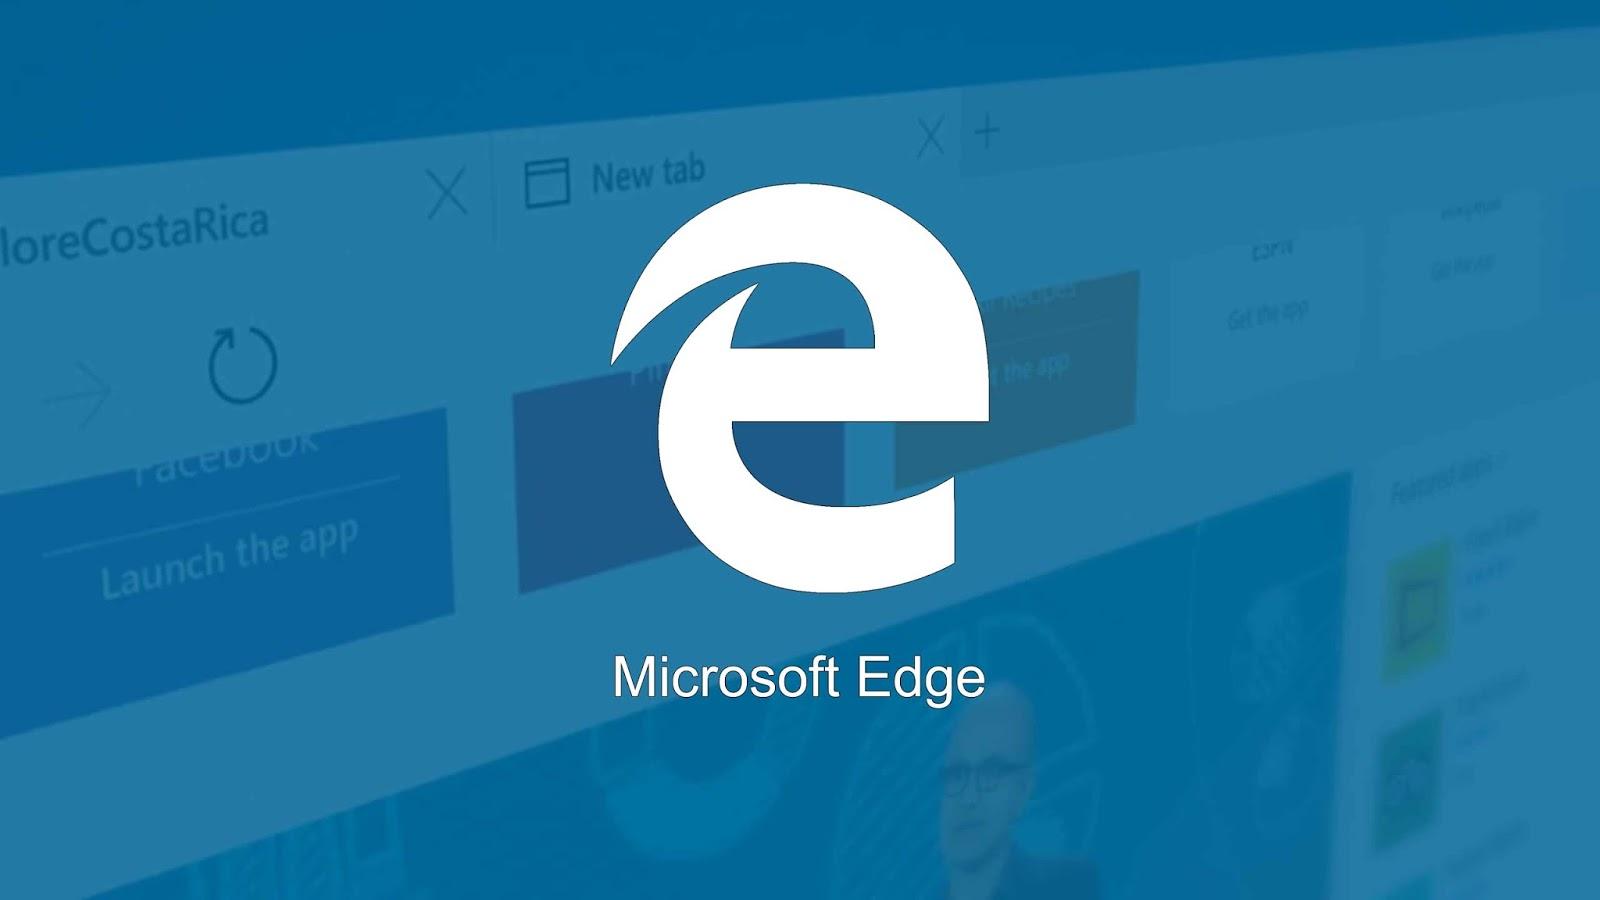 Cara menonaktifkan extensions di browser microsoft edge